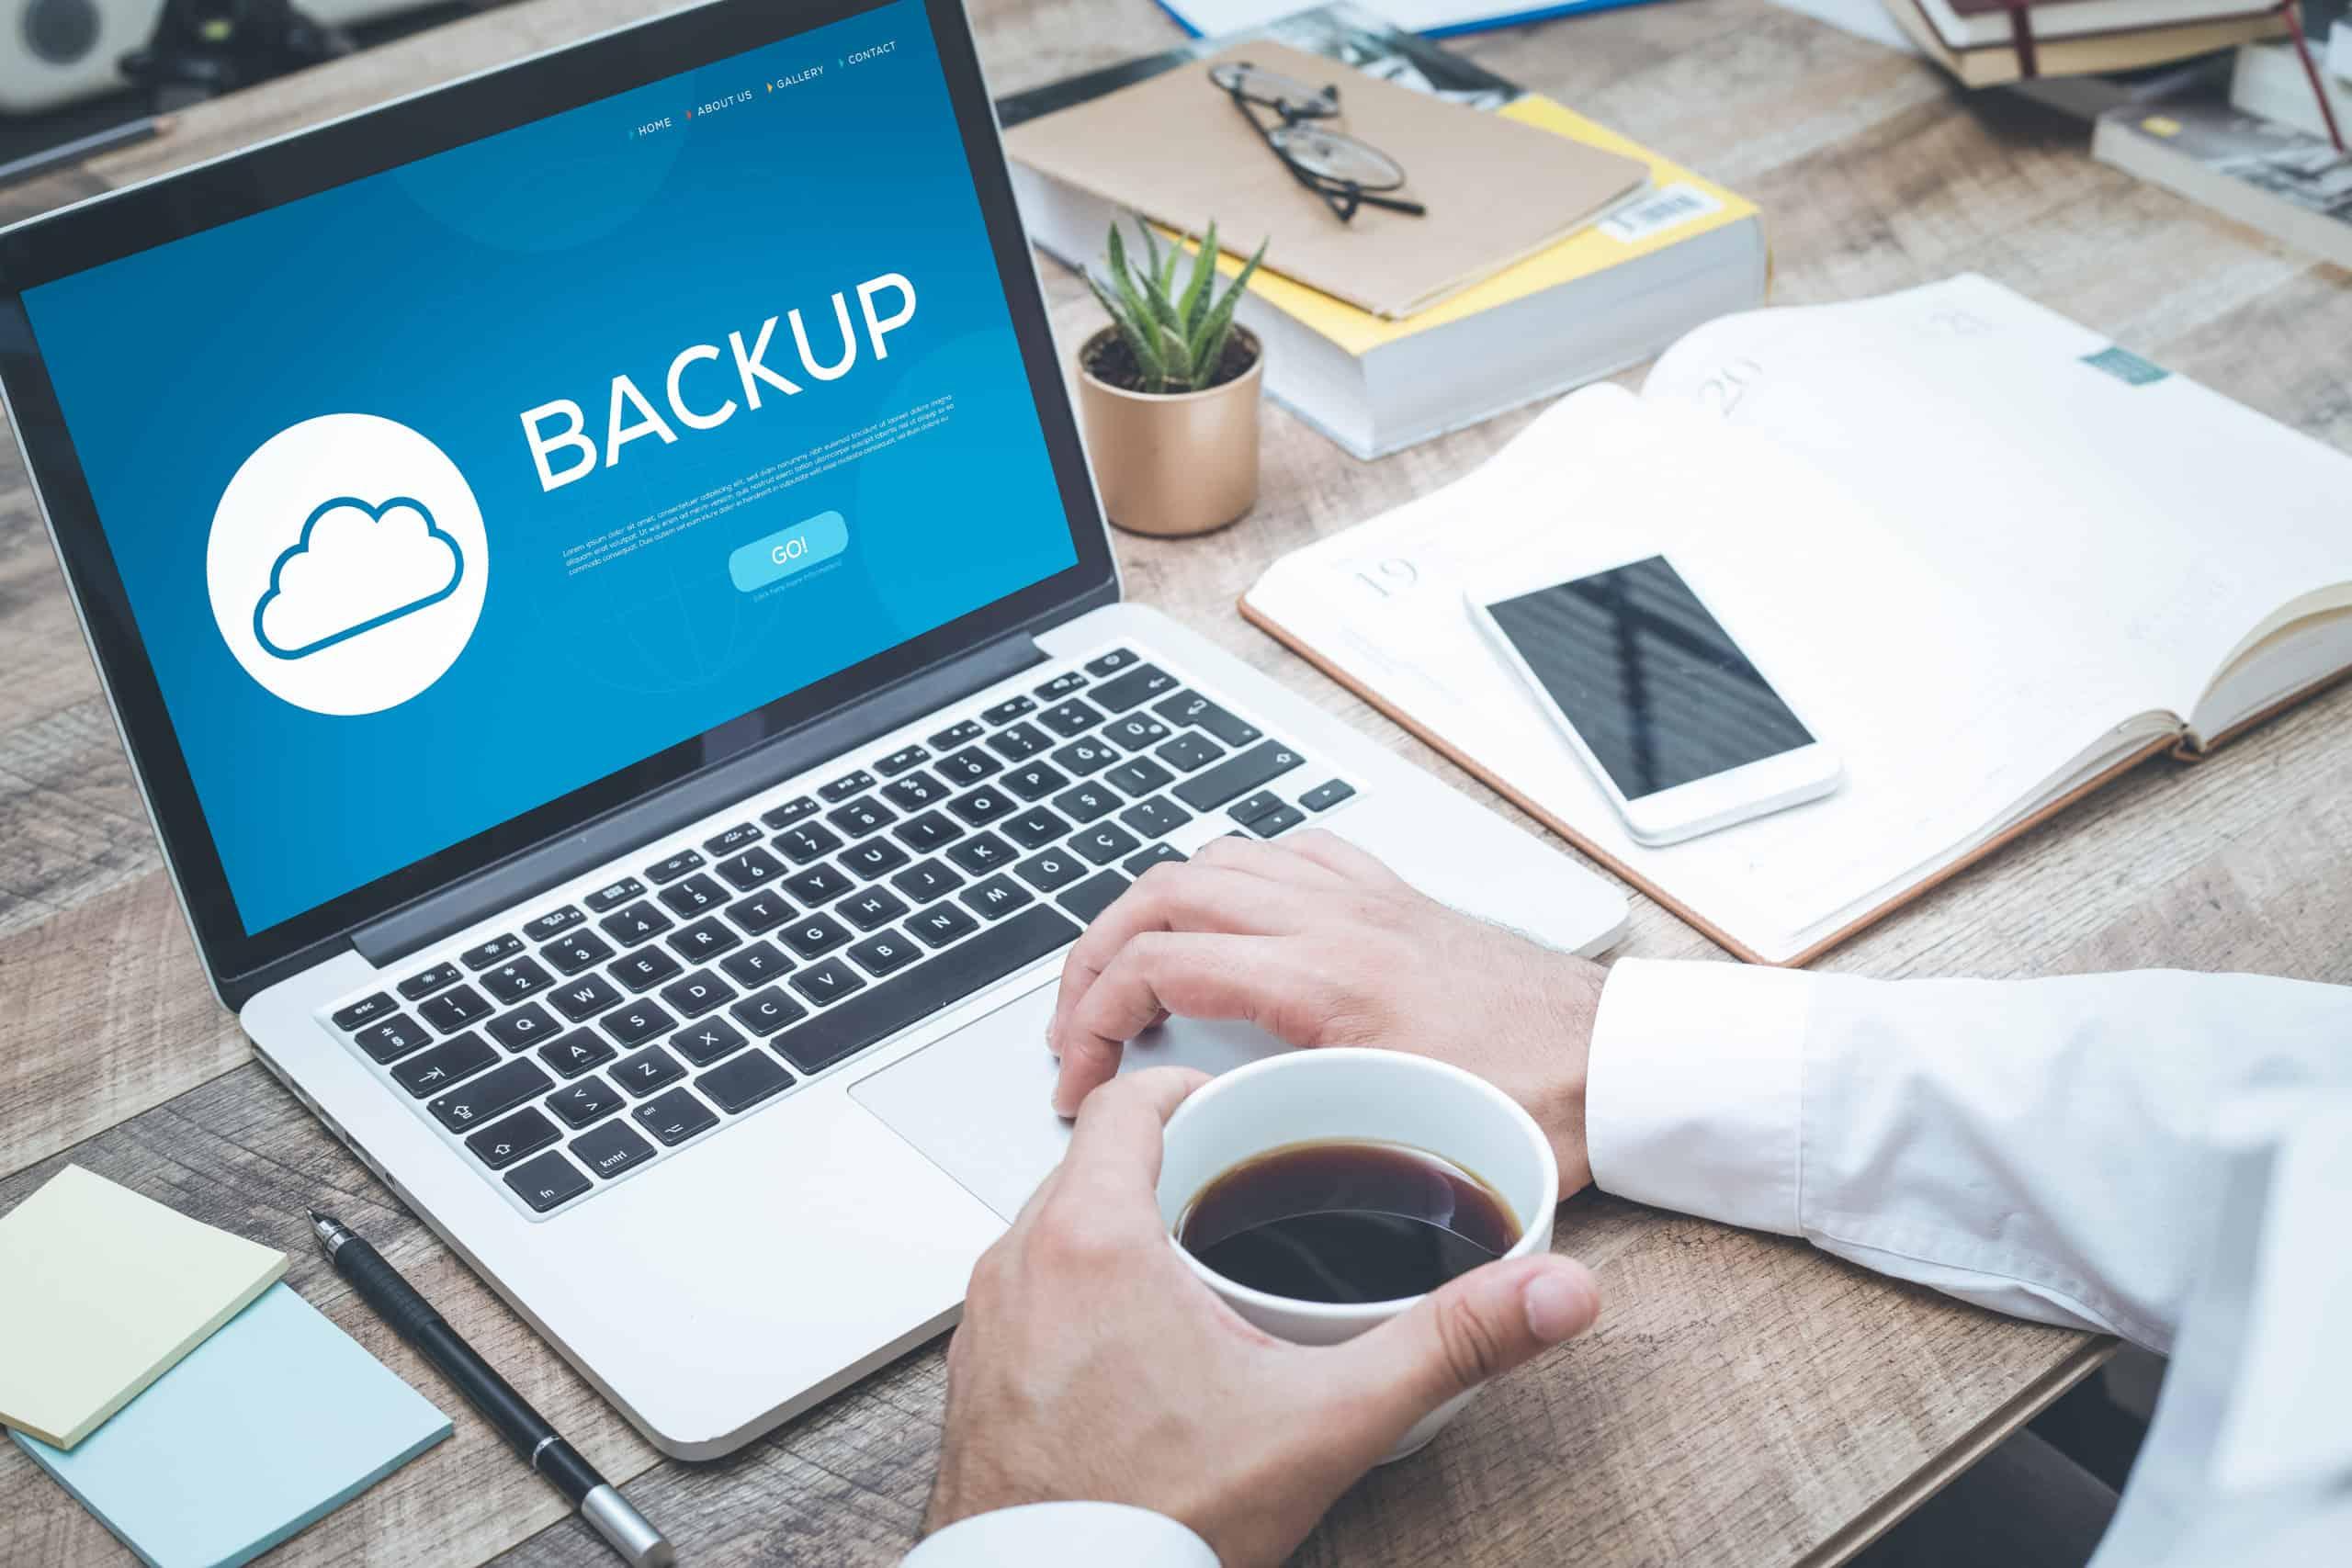 Regelt Office 365 de backup van mijn e-mails in Exchange Online?